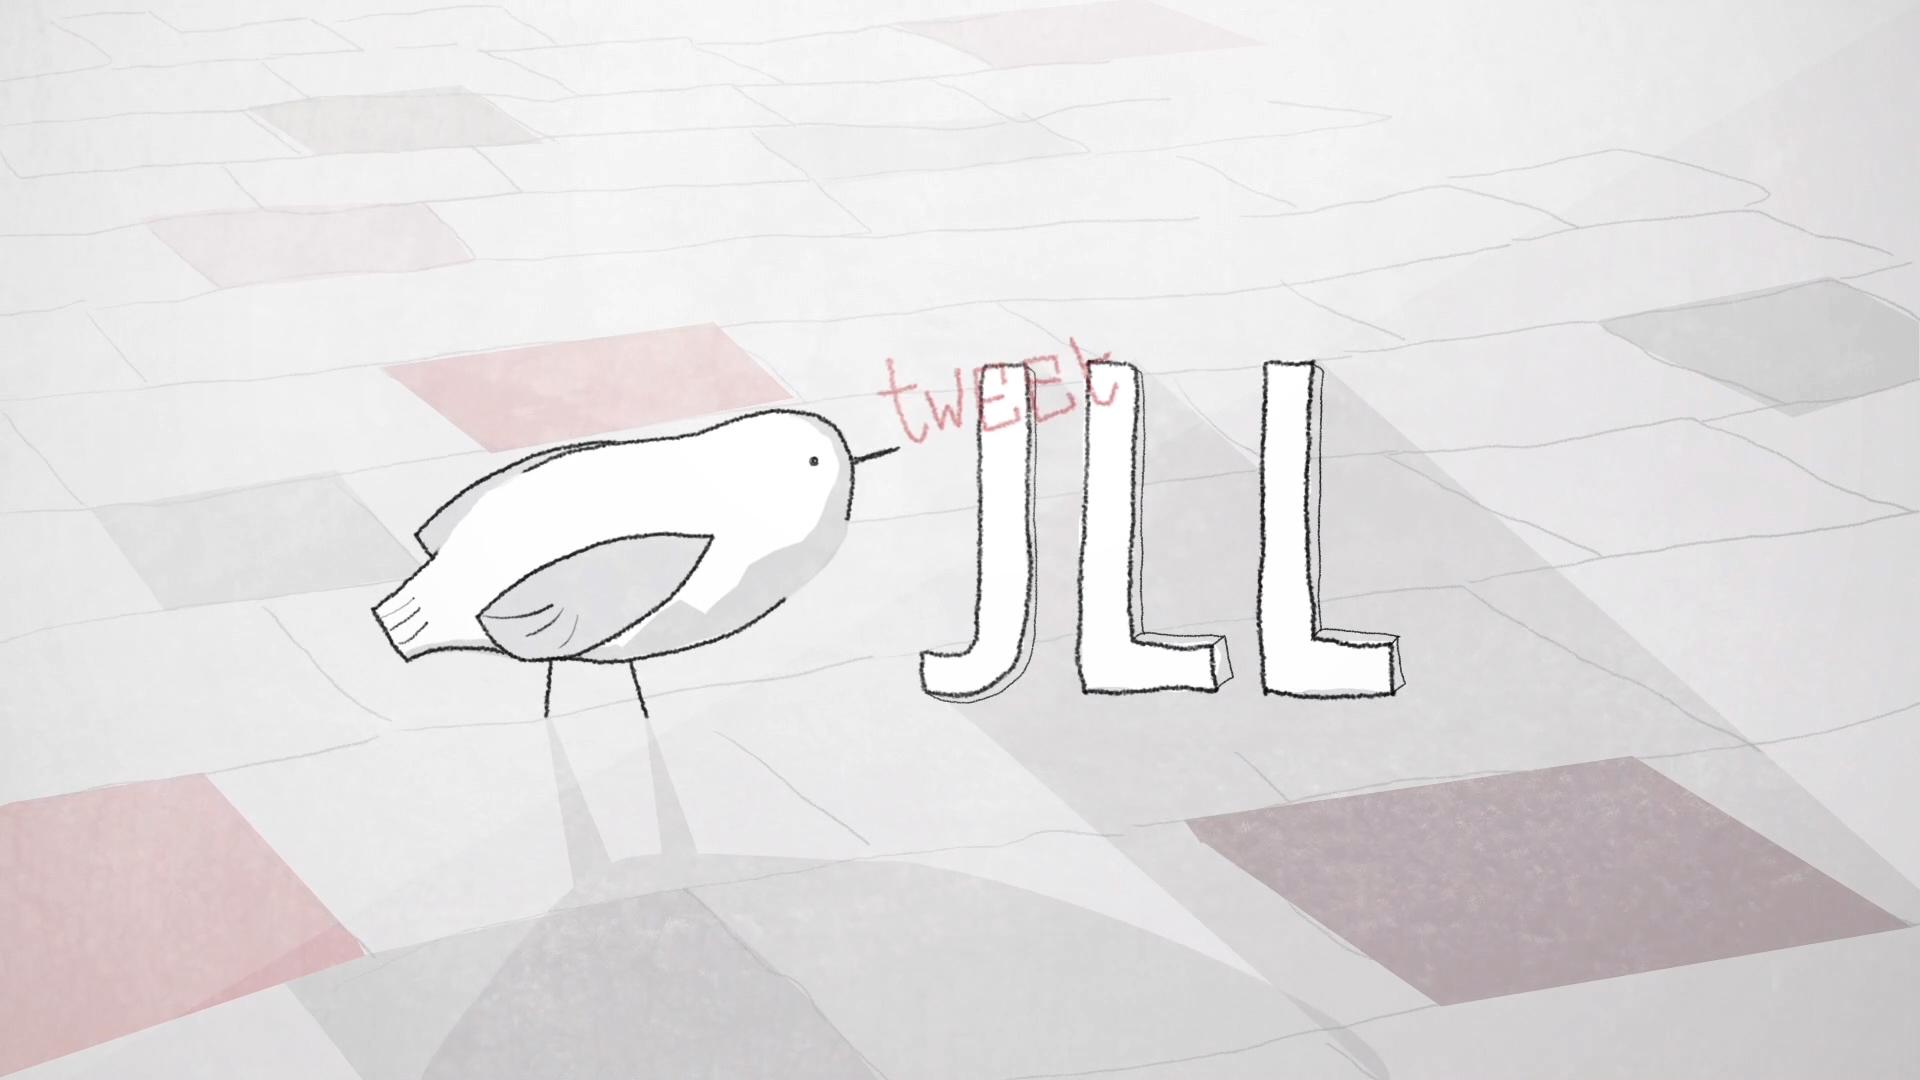 jll_still06.jpg